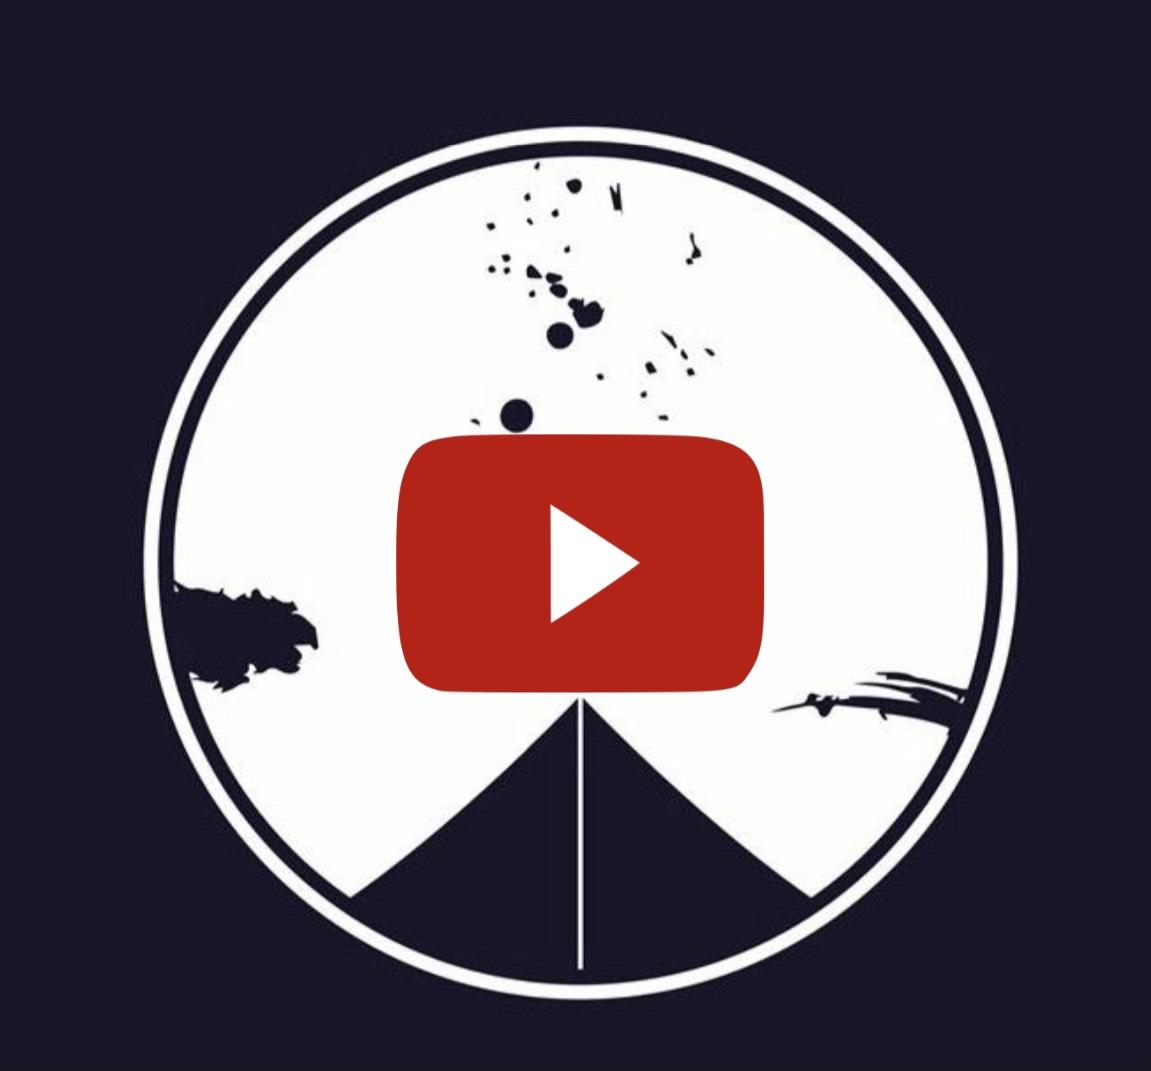 YouTubeに新しい動画がアップされました!